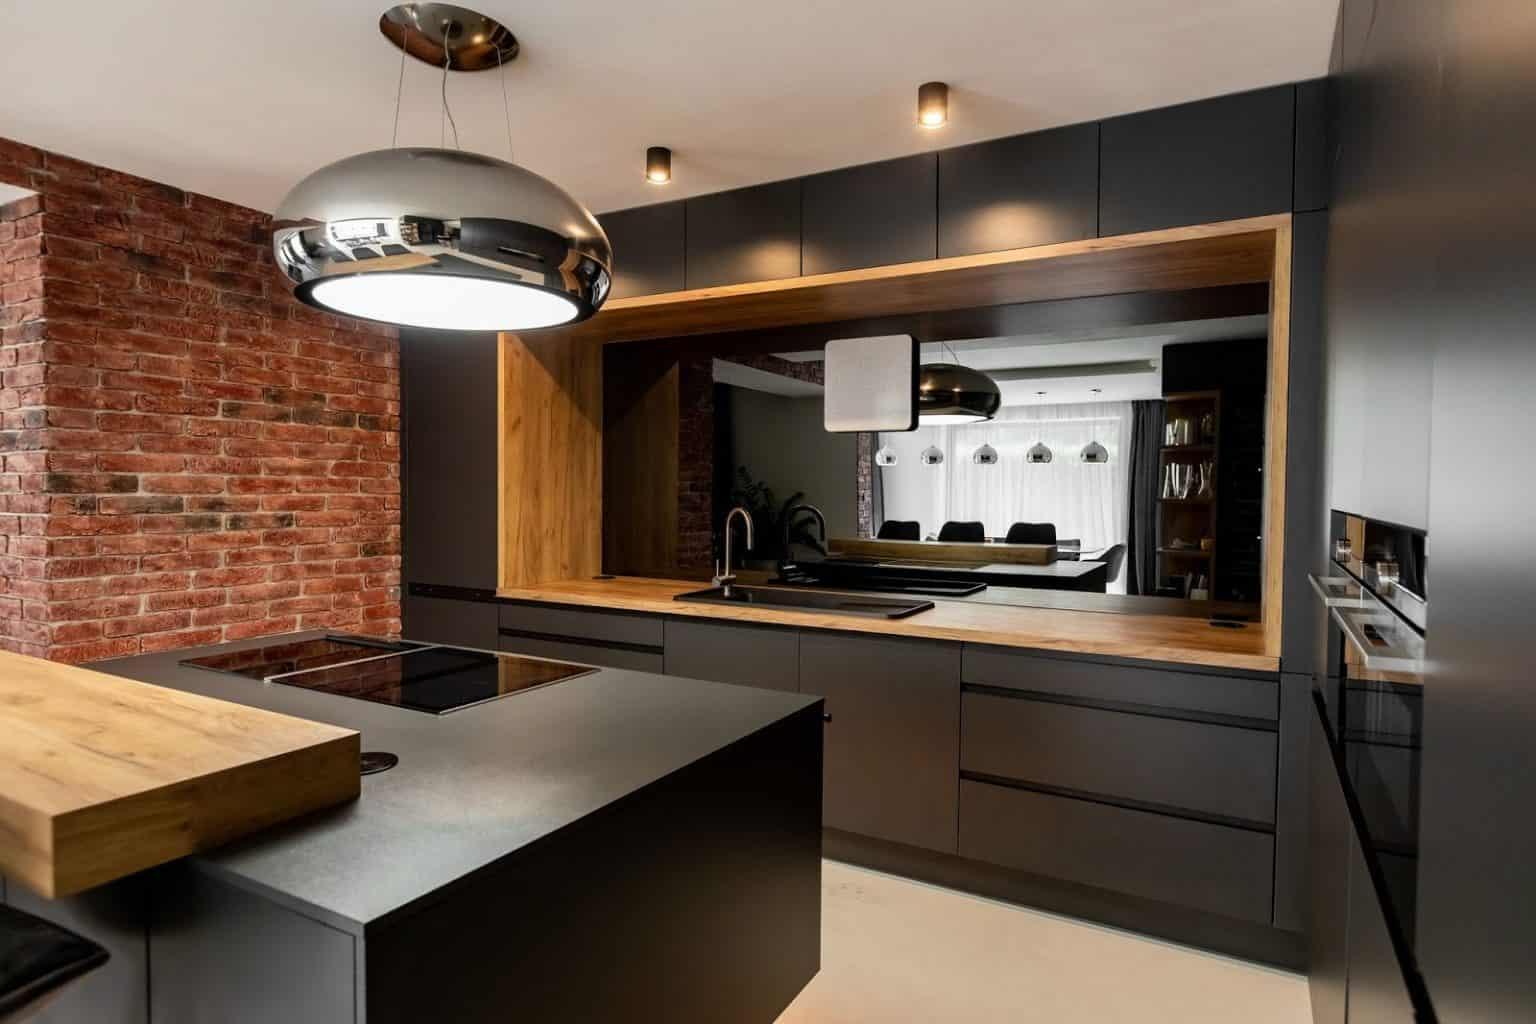 Dominanta bytu - kuchyňa. Zdroj: iKuchyne.sk